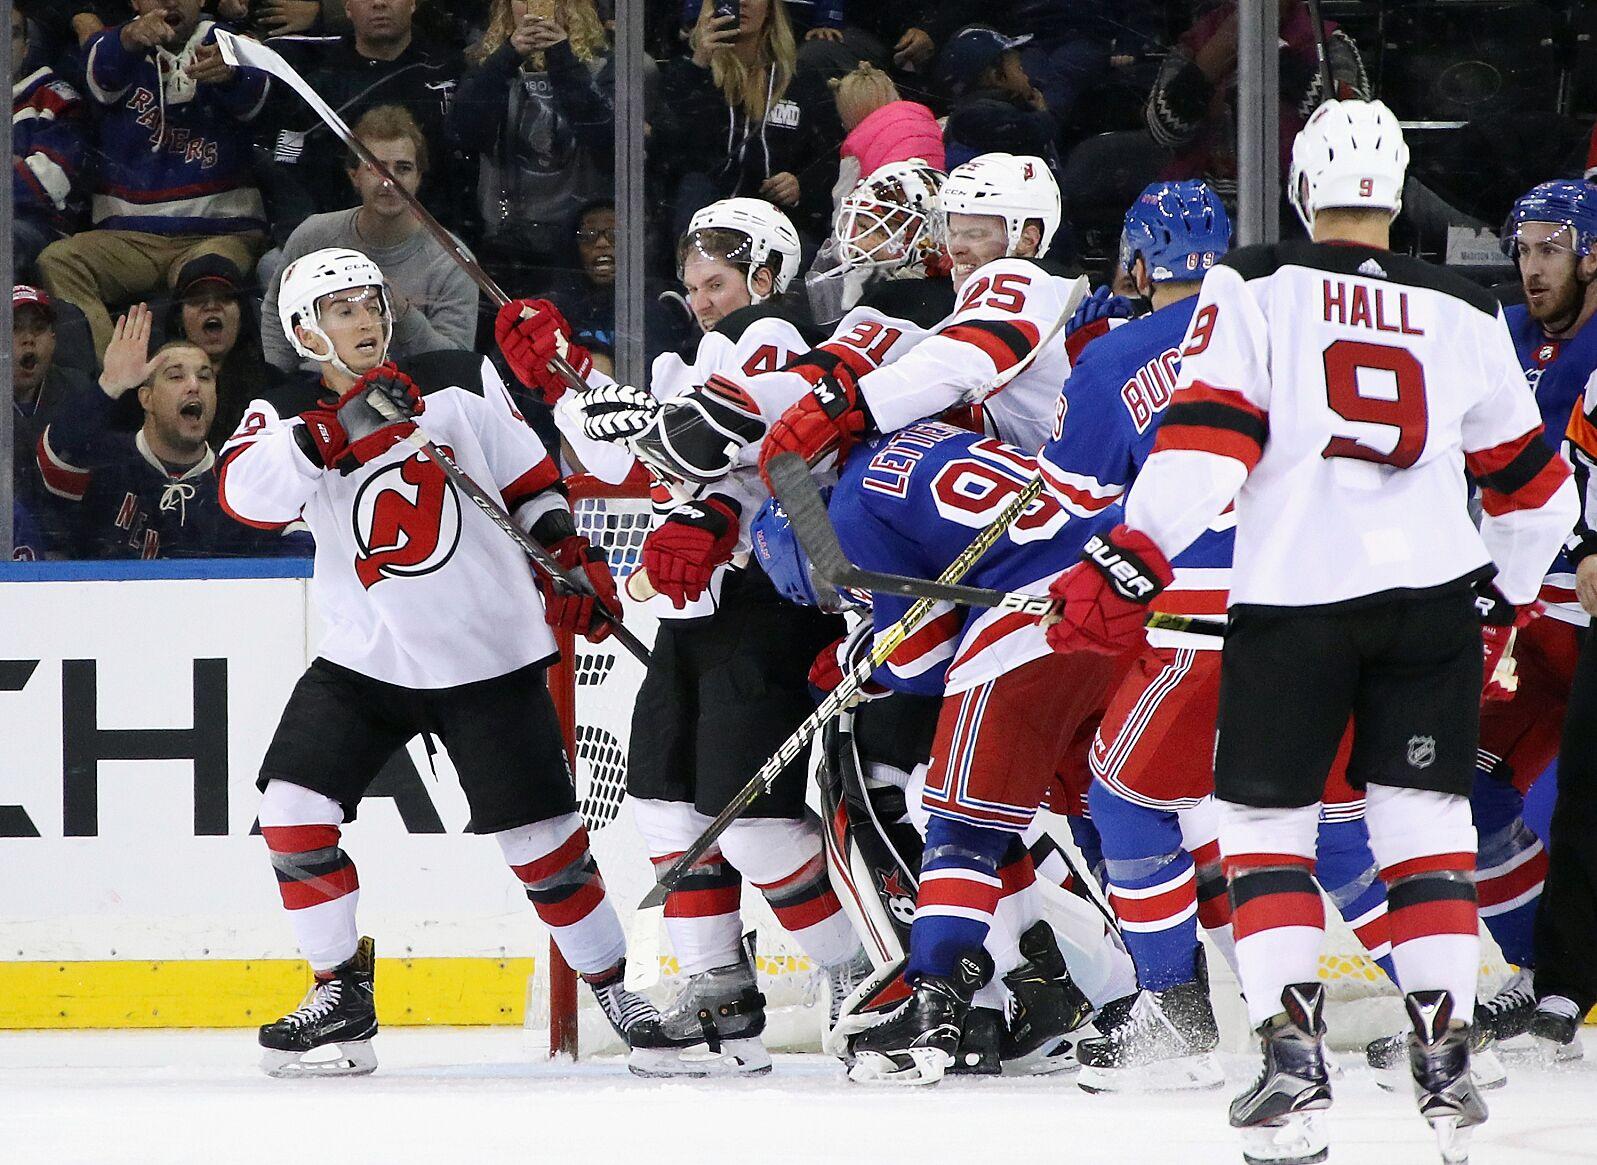 New York Rangers analysis: Blueshirts win 4-3 in Overtime